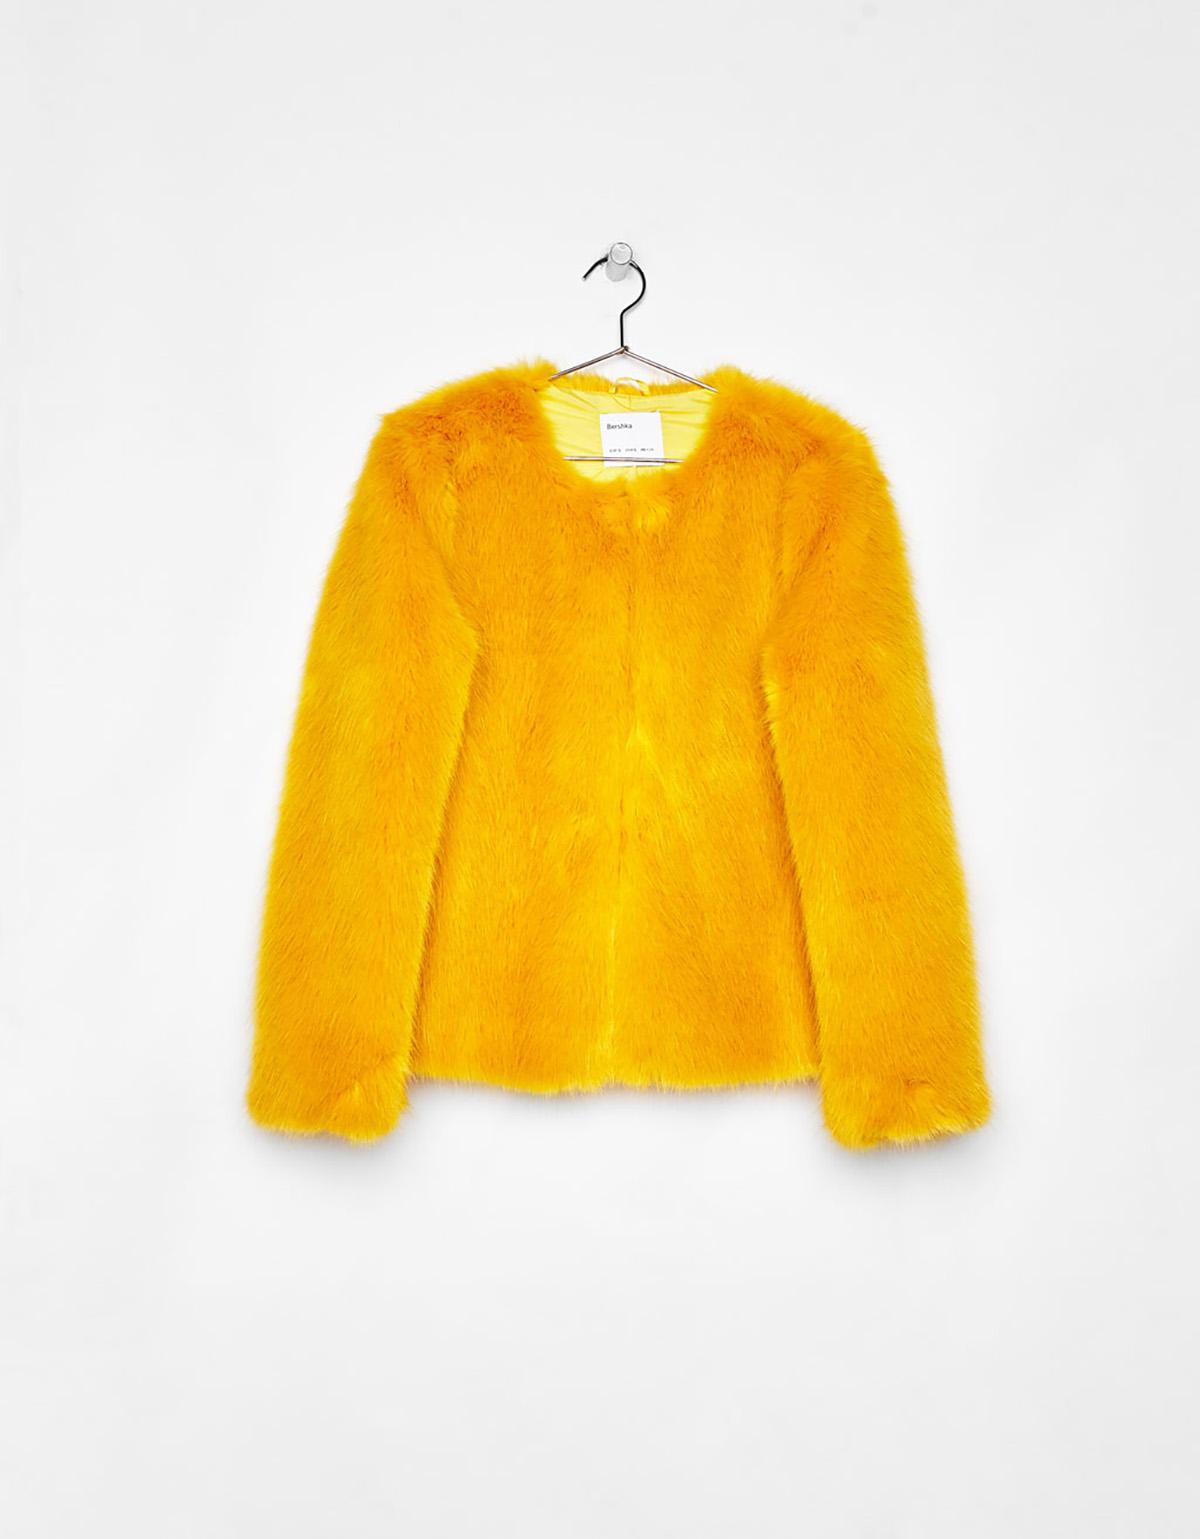 azul InStyle y 2018 amarillo Abrigo de primavera 6gSww